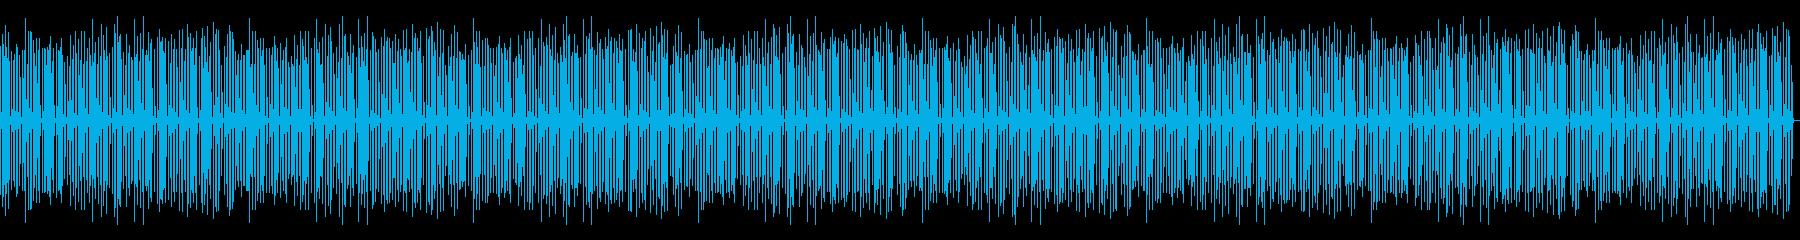 知育・教育・パズル・日常ピアノ55Lの再生済みの波形